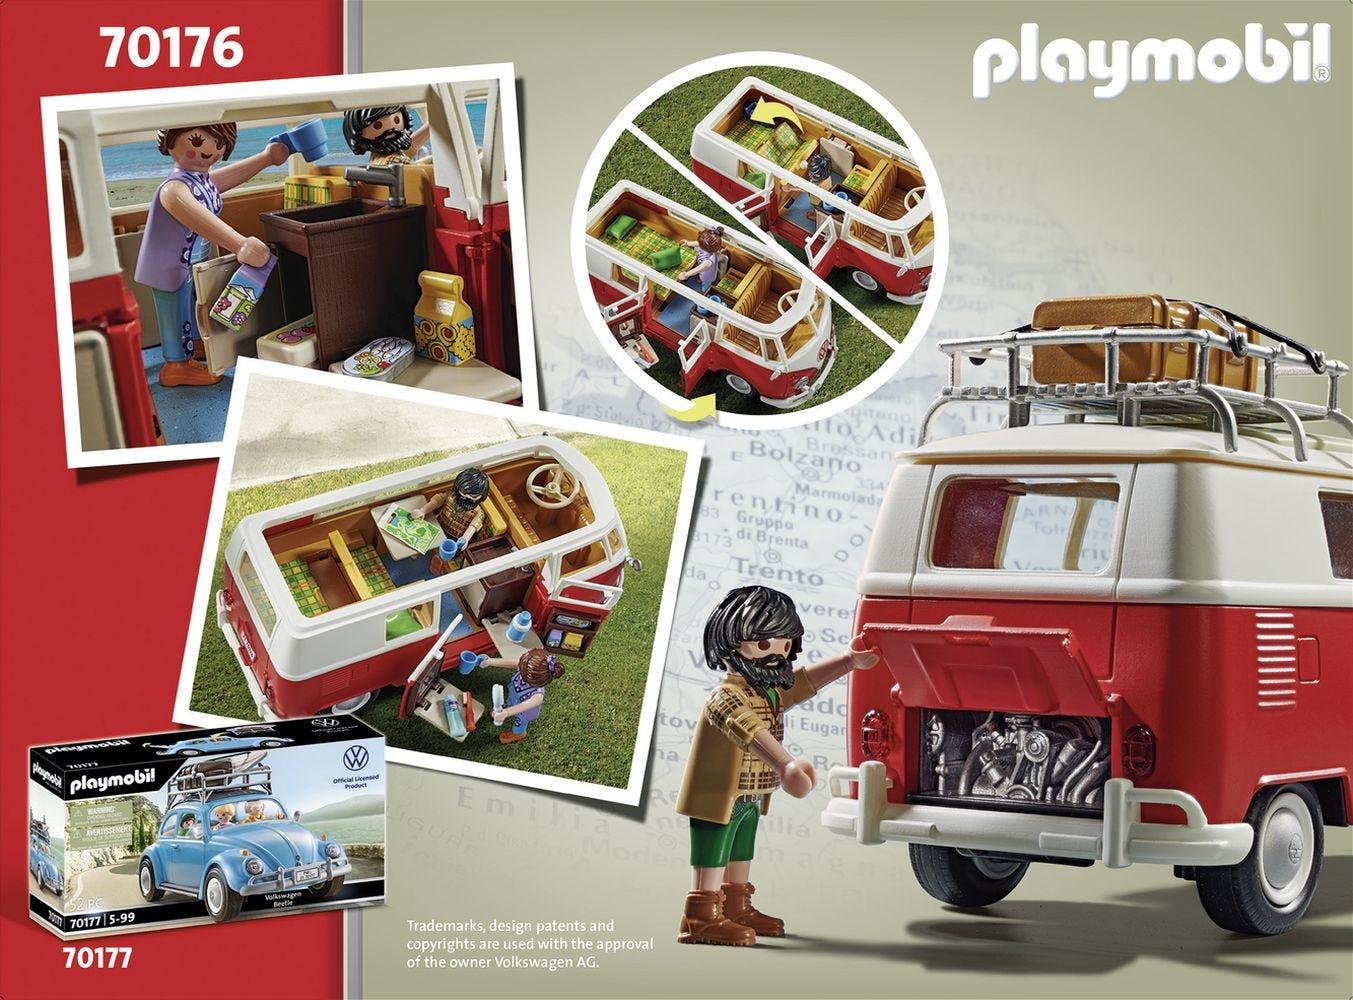 Playmobil 70177 Volkswagen Beetle